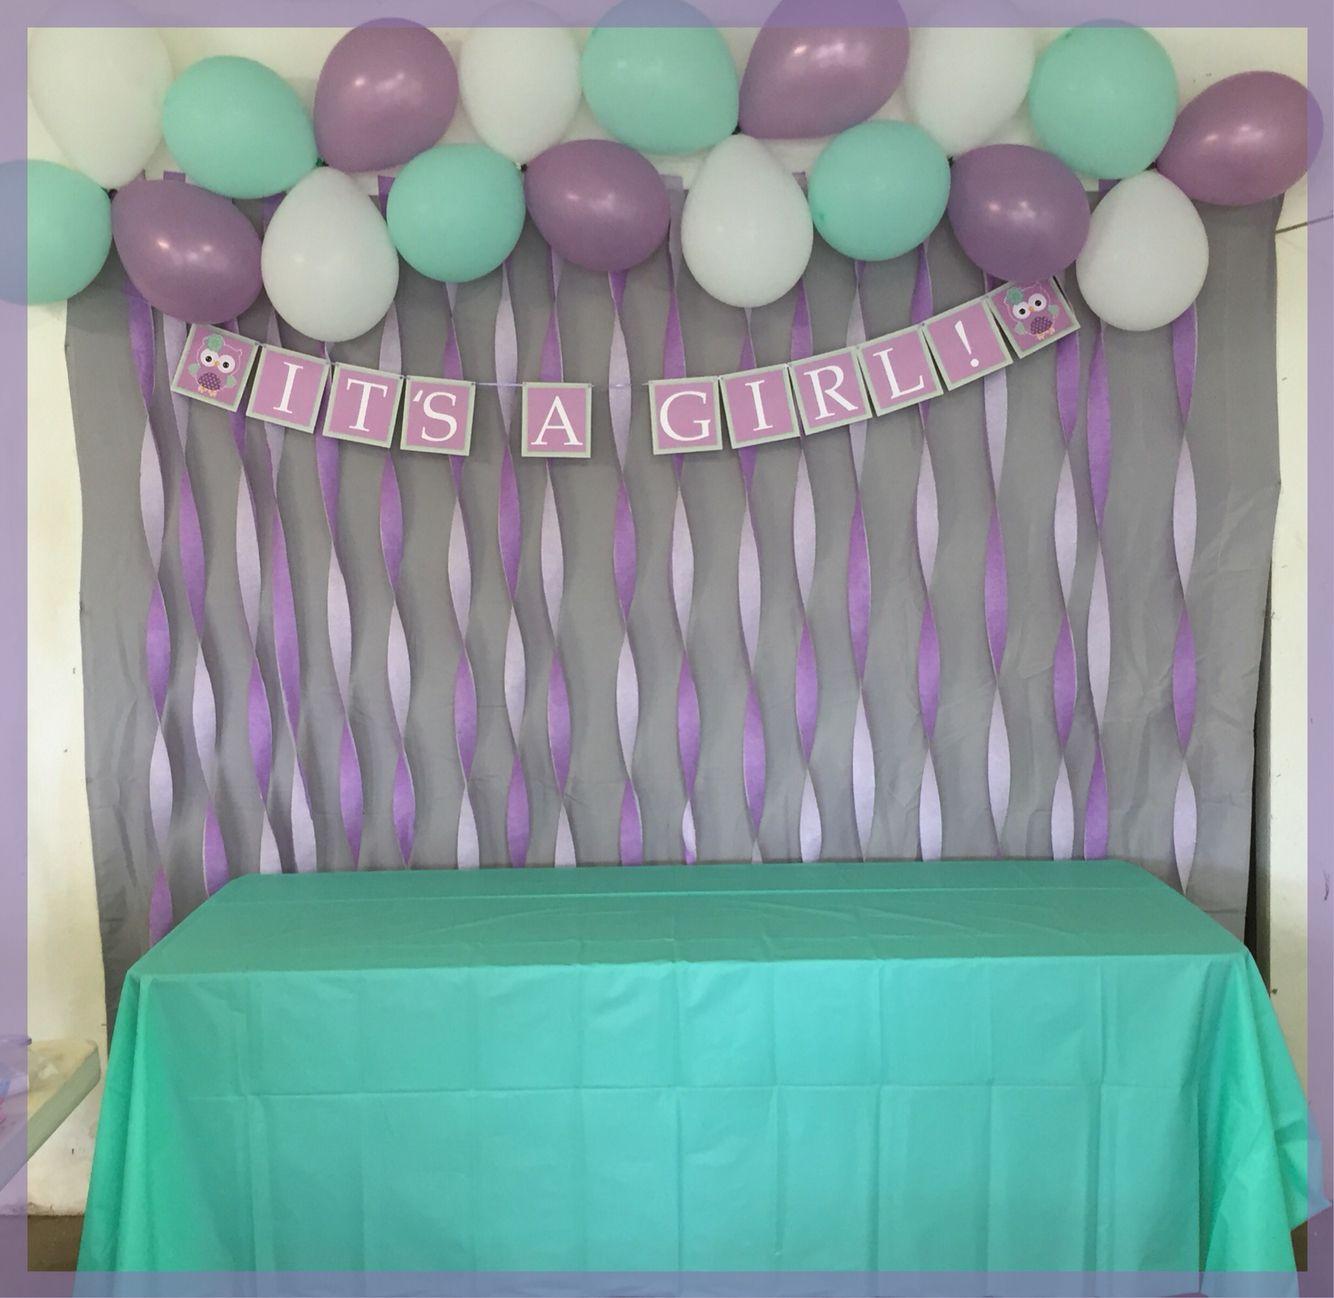 Baby Shower Decoration Ideas DIY  Best 25 Diy baby shower decorations ideas on Pinterest